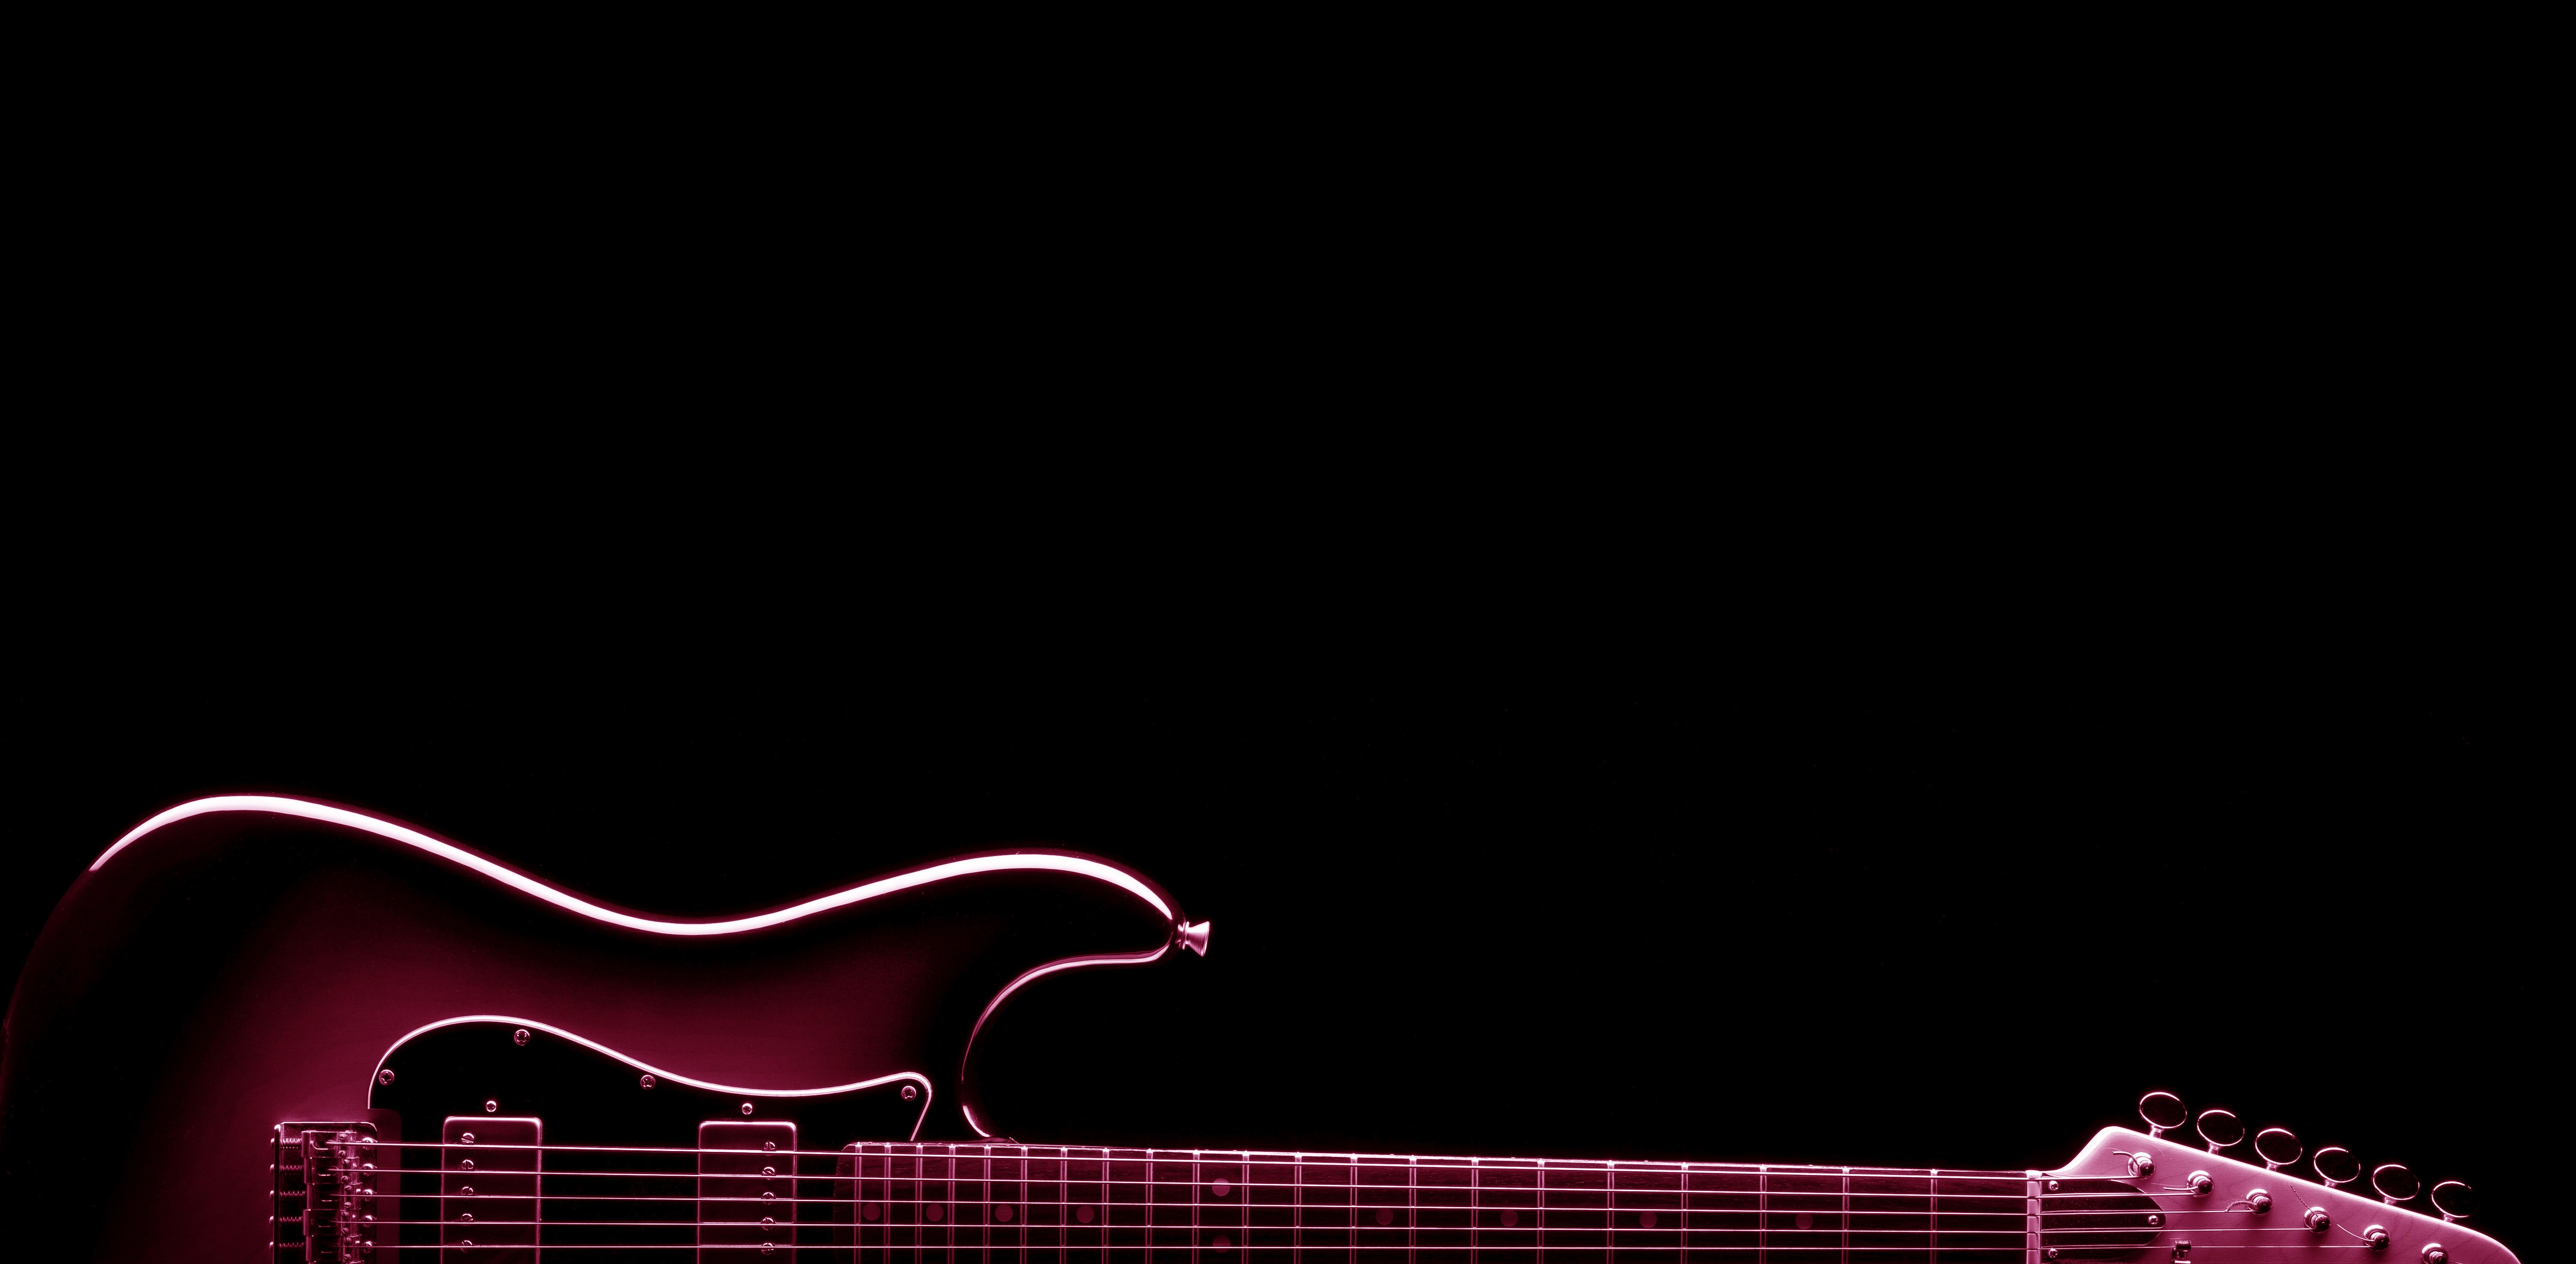 vintage electric guitar shape on black , blue image